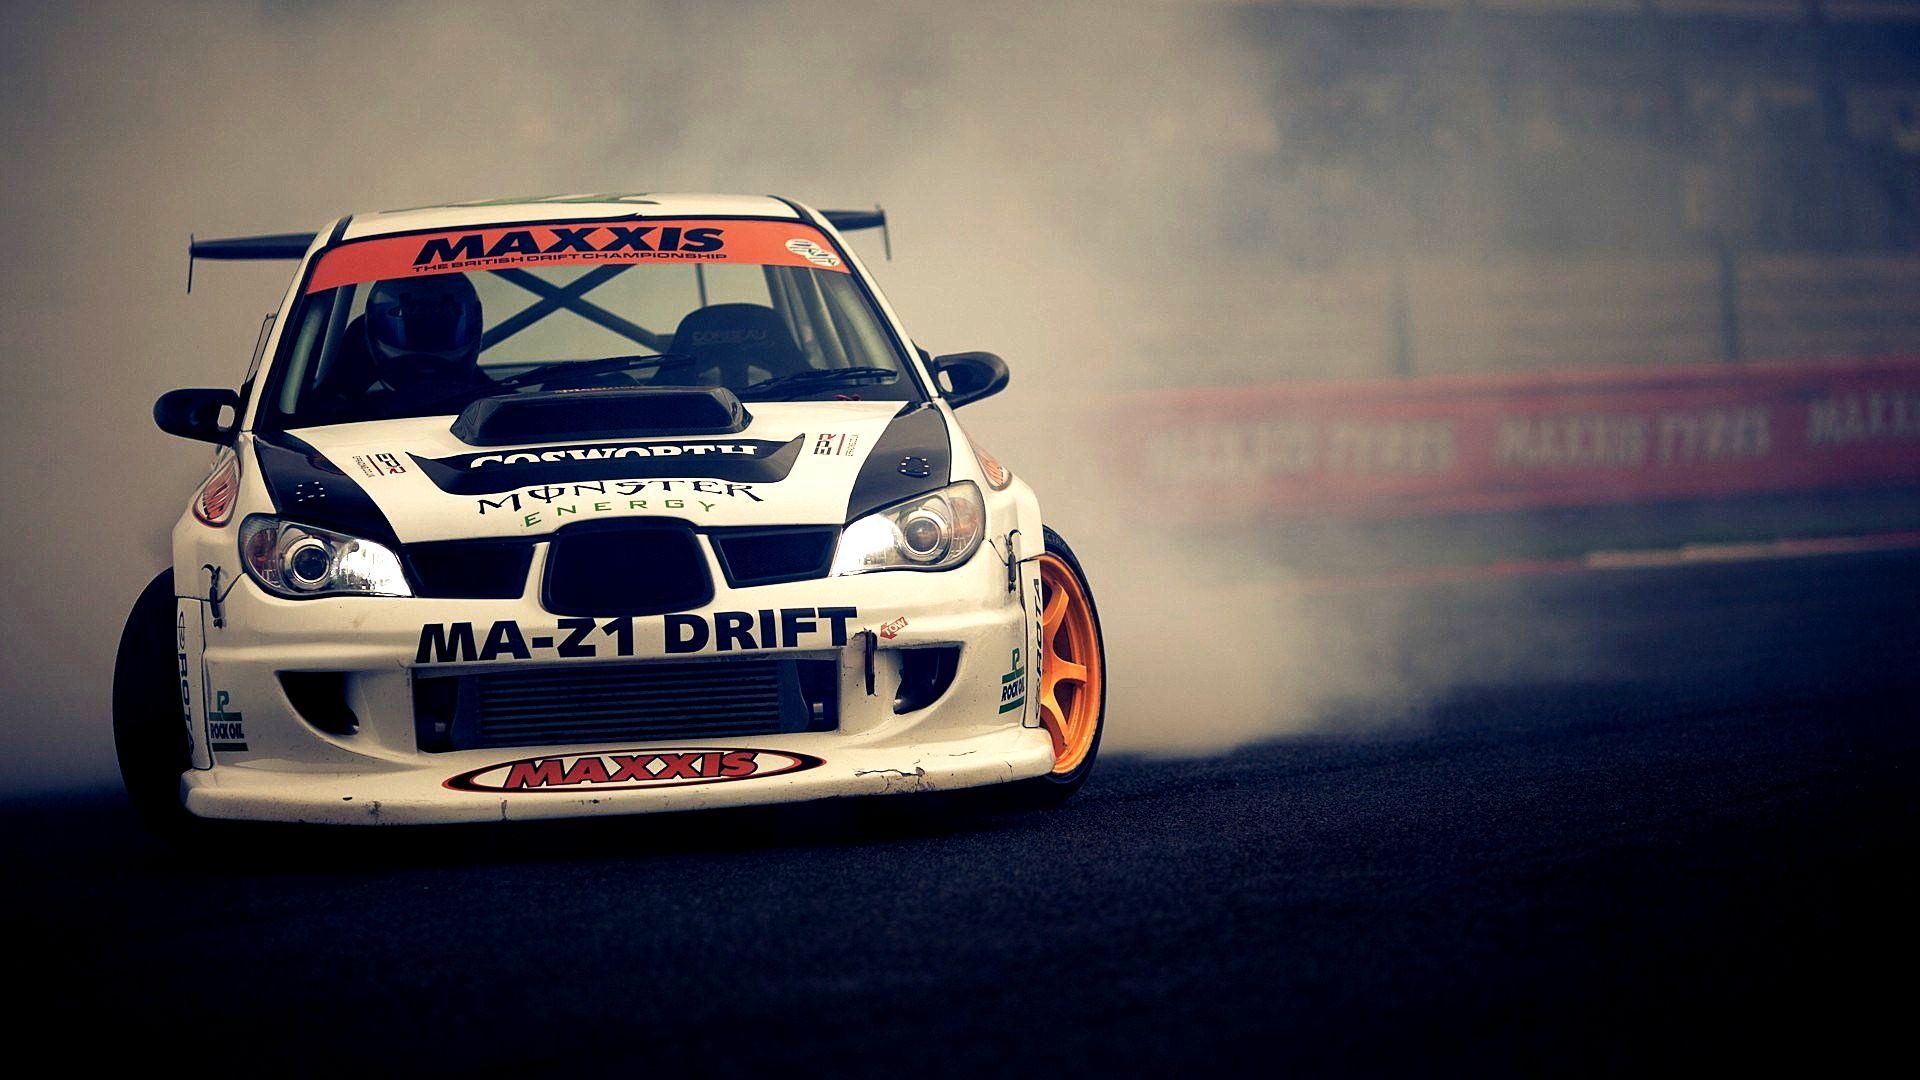 Drifting Wallpapers Hd Drifting Cars Subaru Impreza Subaru